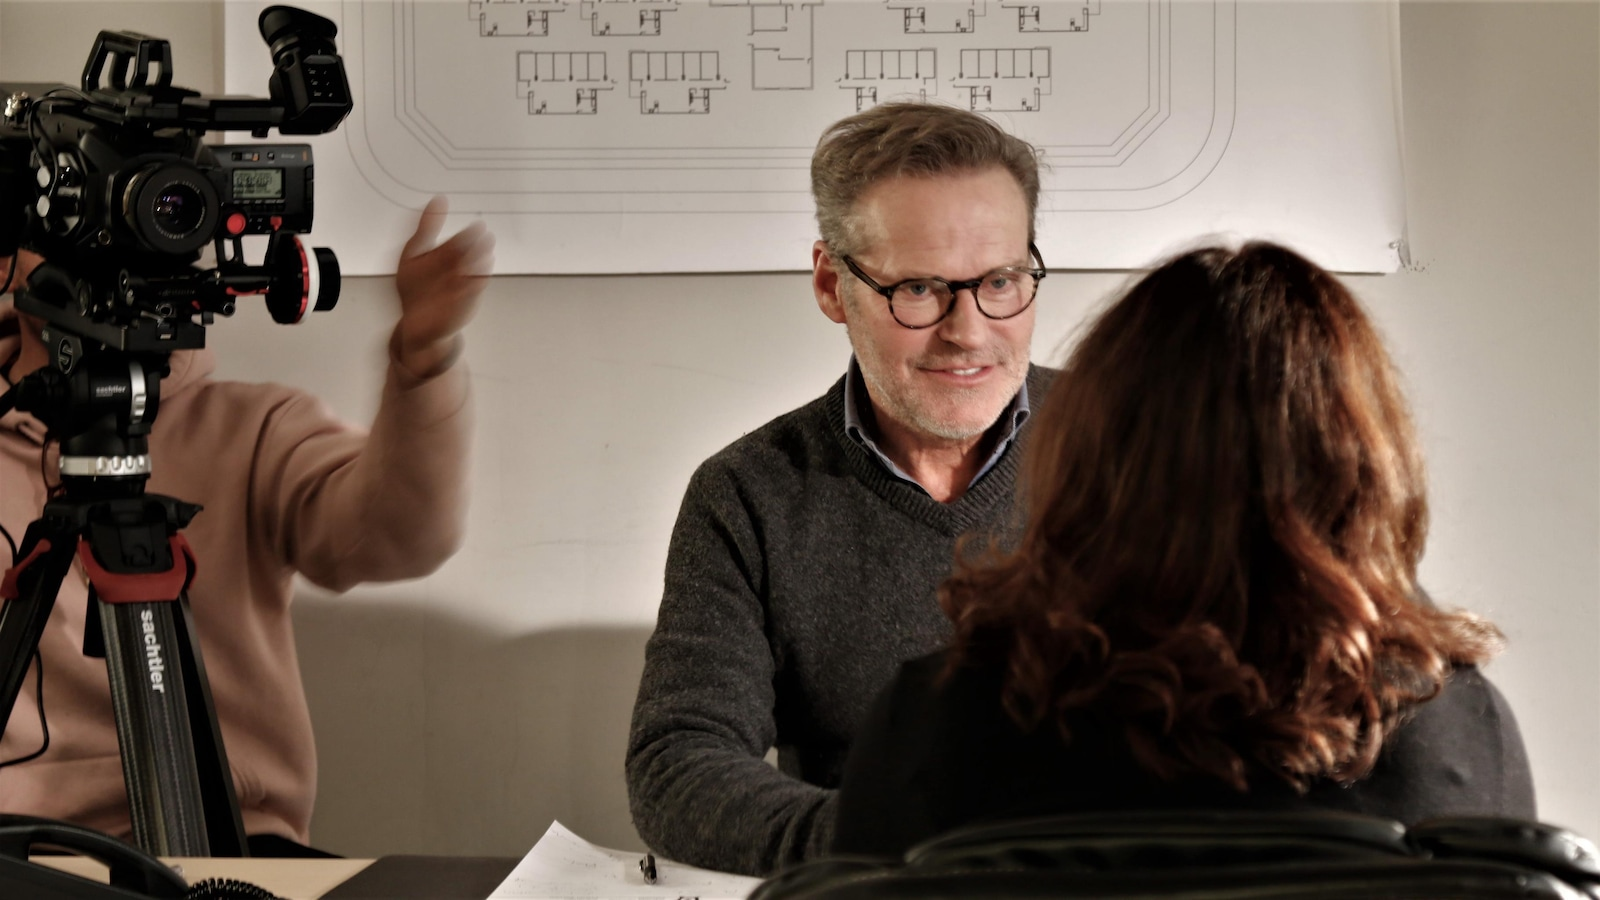 Dans le bureau du personnage de Steven Picard, Luc Guérin interviewe Guylaine Tremblay.